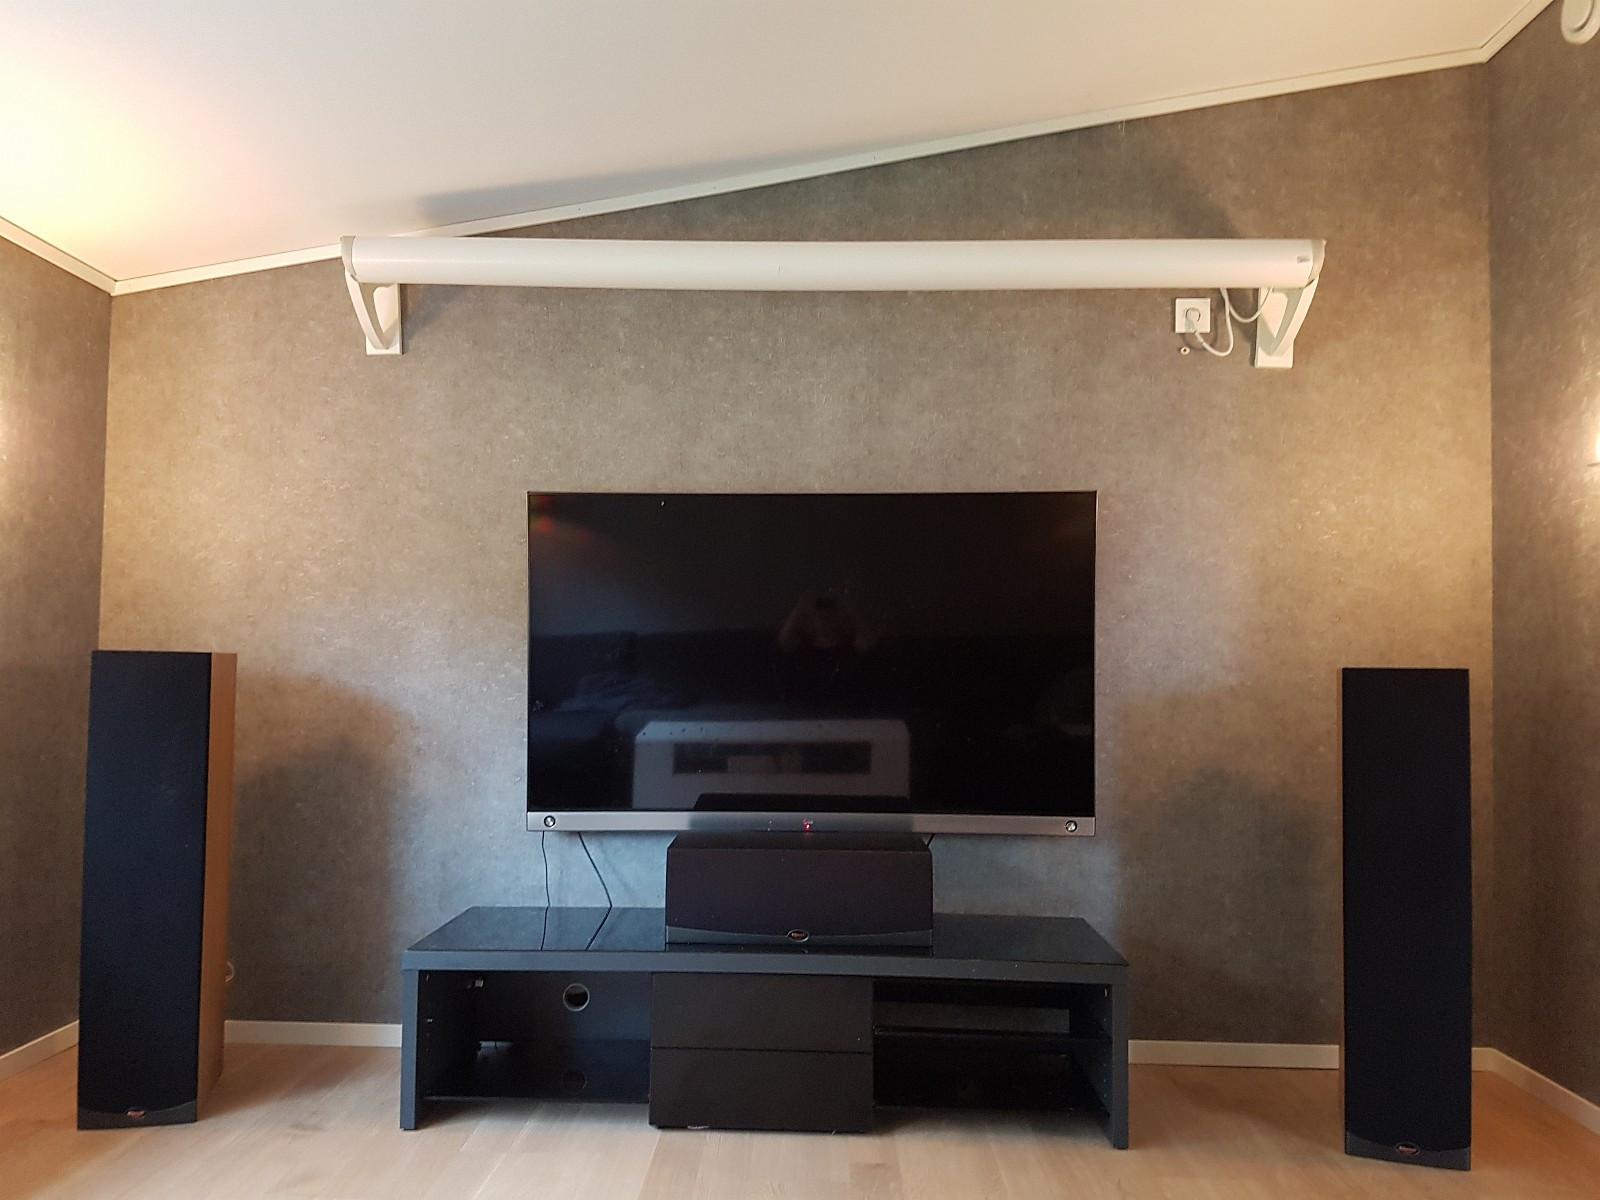 TV benk - Hommersåk  - Mørk grå med svart glassplate på topp, tre svarte glassplater til hyller og to svart høyglans skuffer.   Lengde 155, høyde 38, dybde 49 - Hommersåk